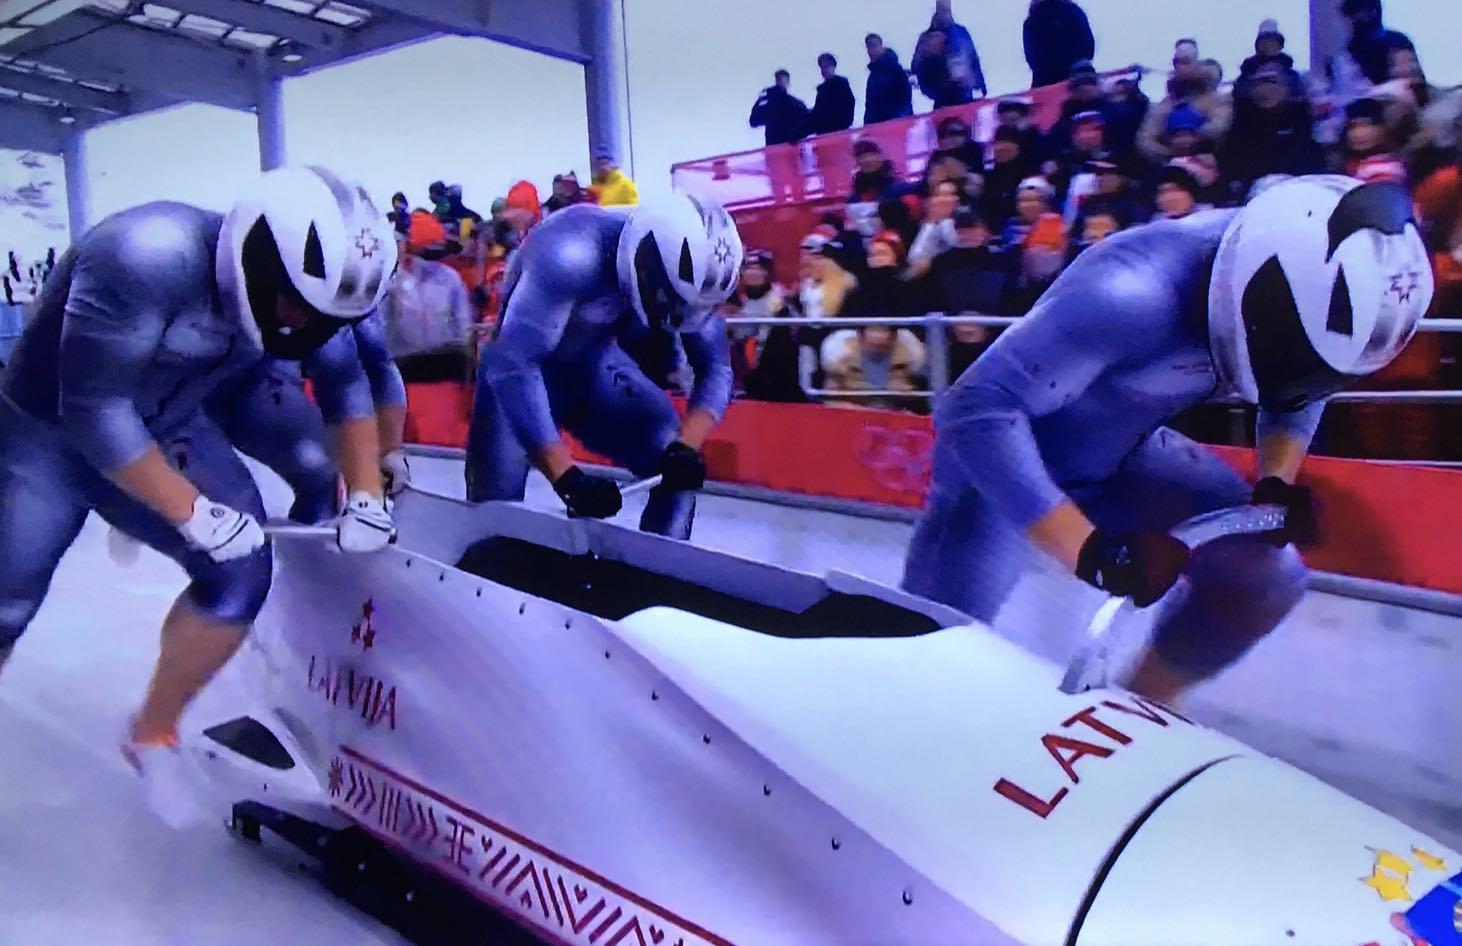 Team Latvia Bobsled